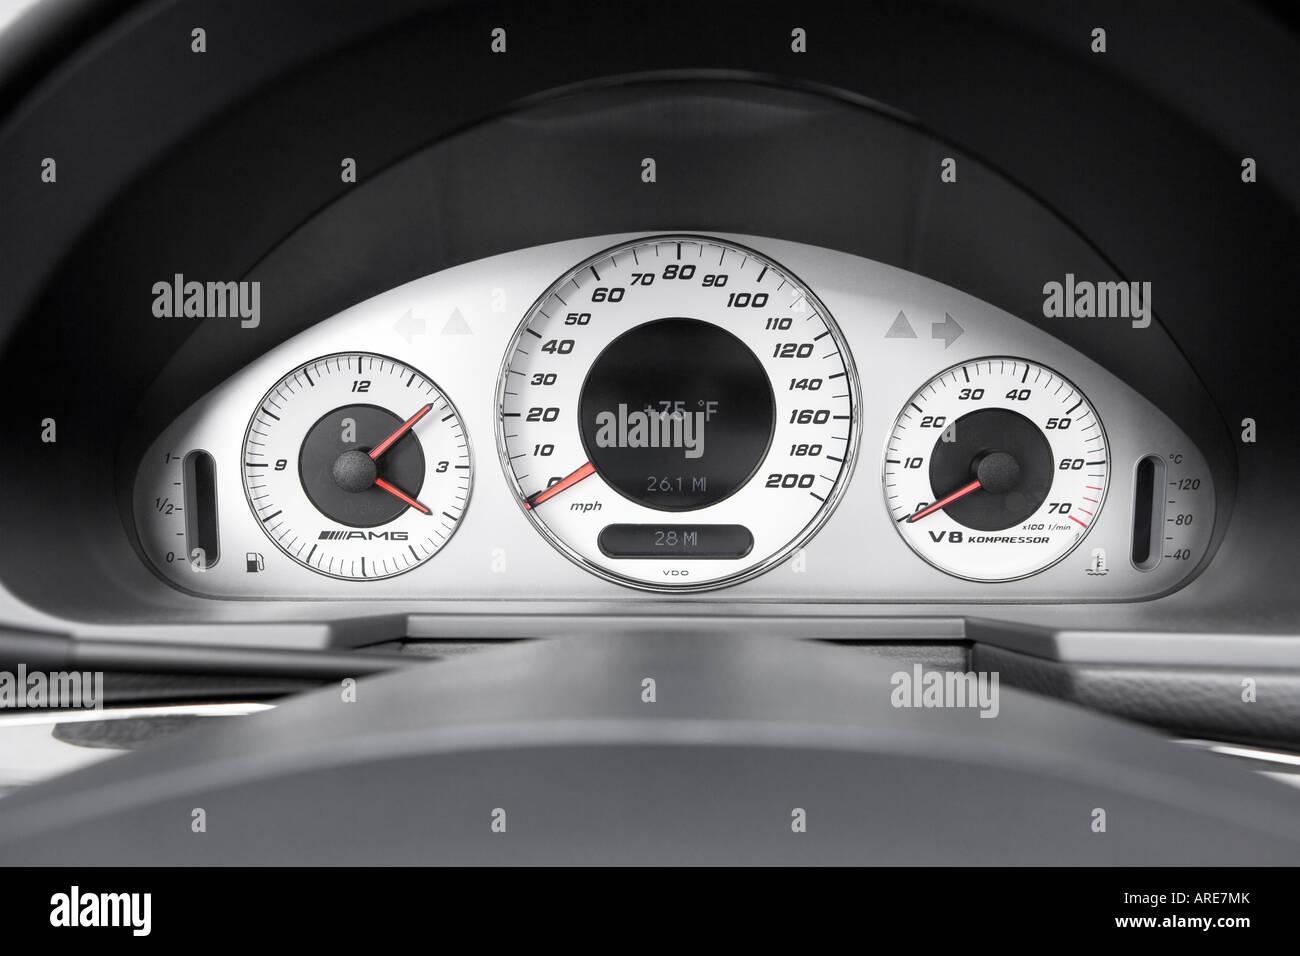 2005 Mercedes Benz E55 AMG Em Preto   Velocímetro/tacômetro